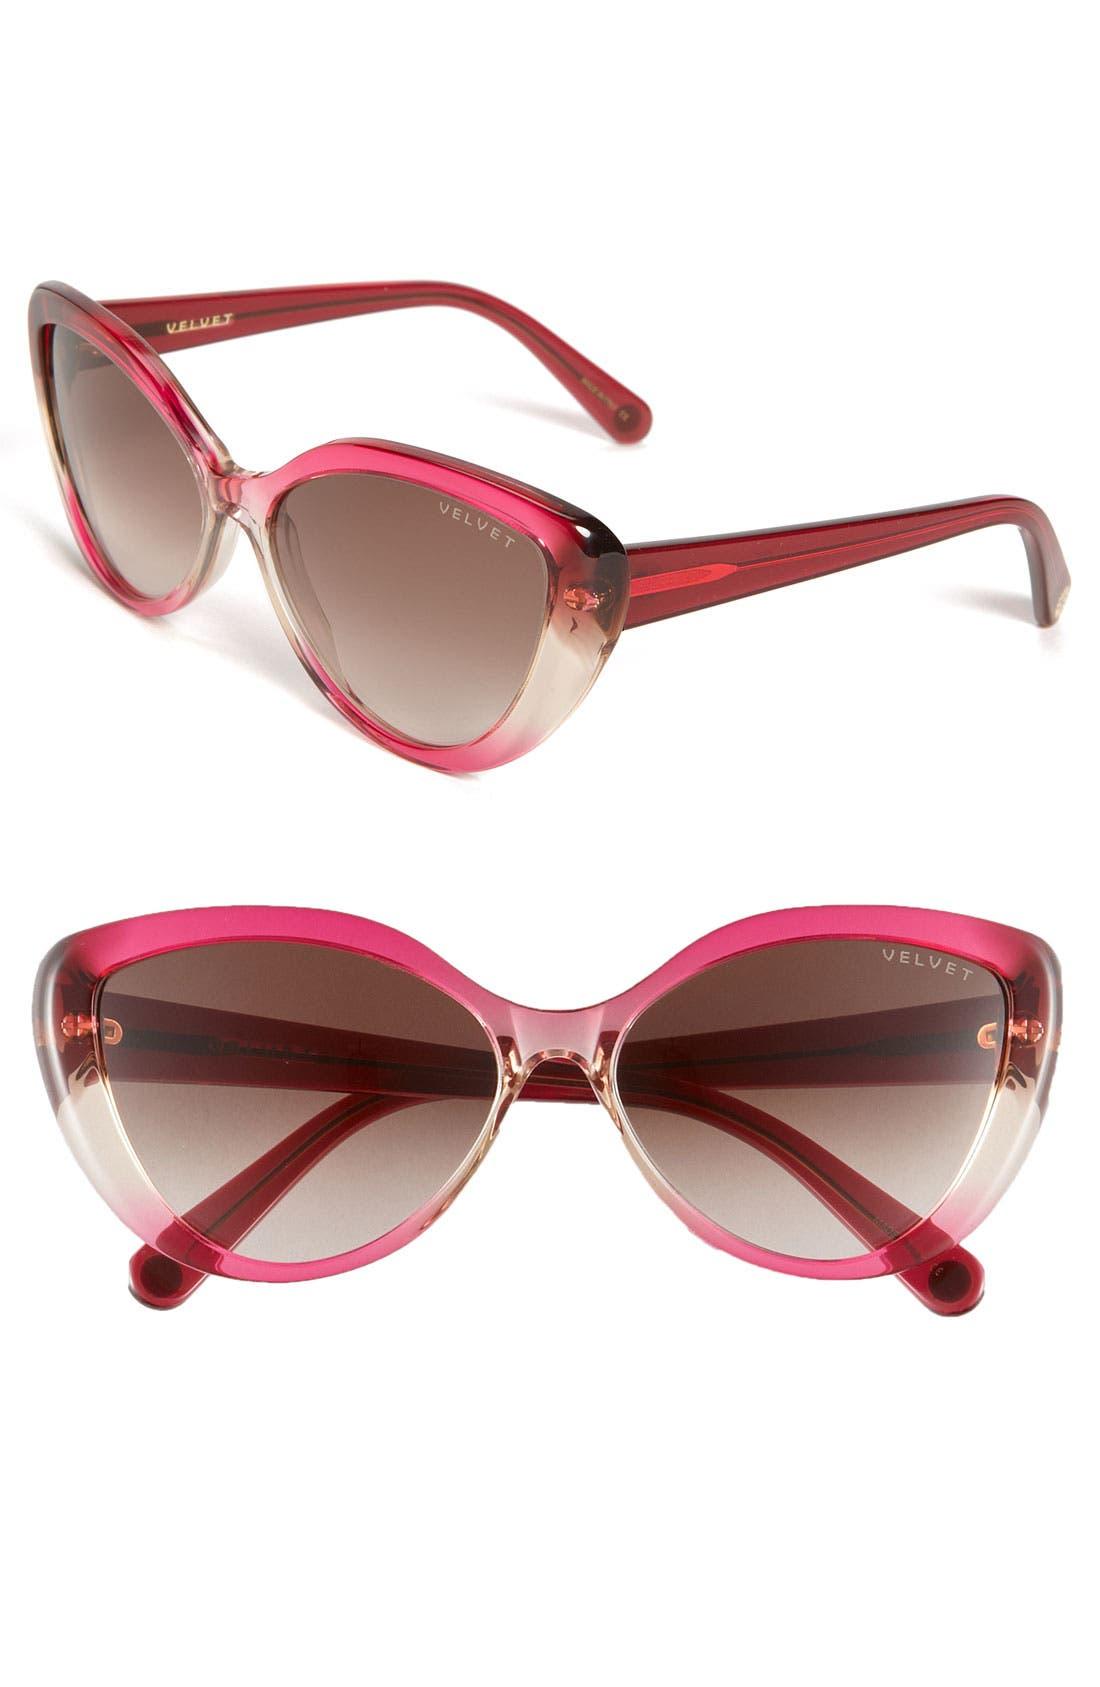 Alternate Image 1 Selected - Velvet Eyewear 'Joie' Sunglasses